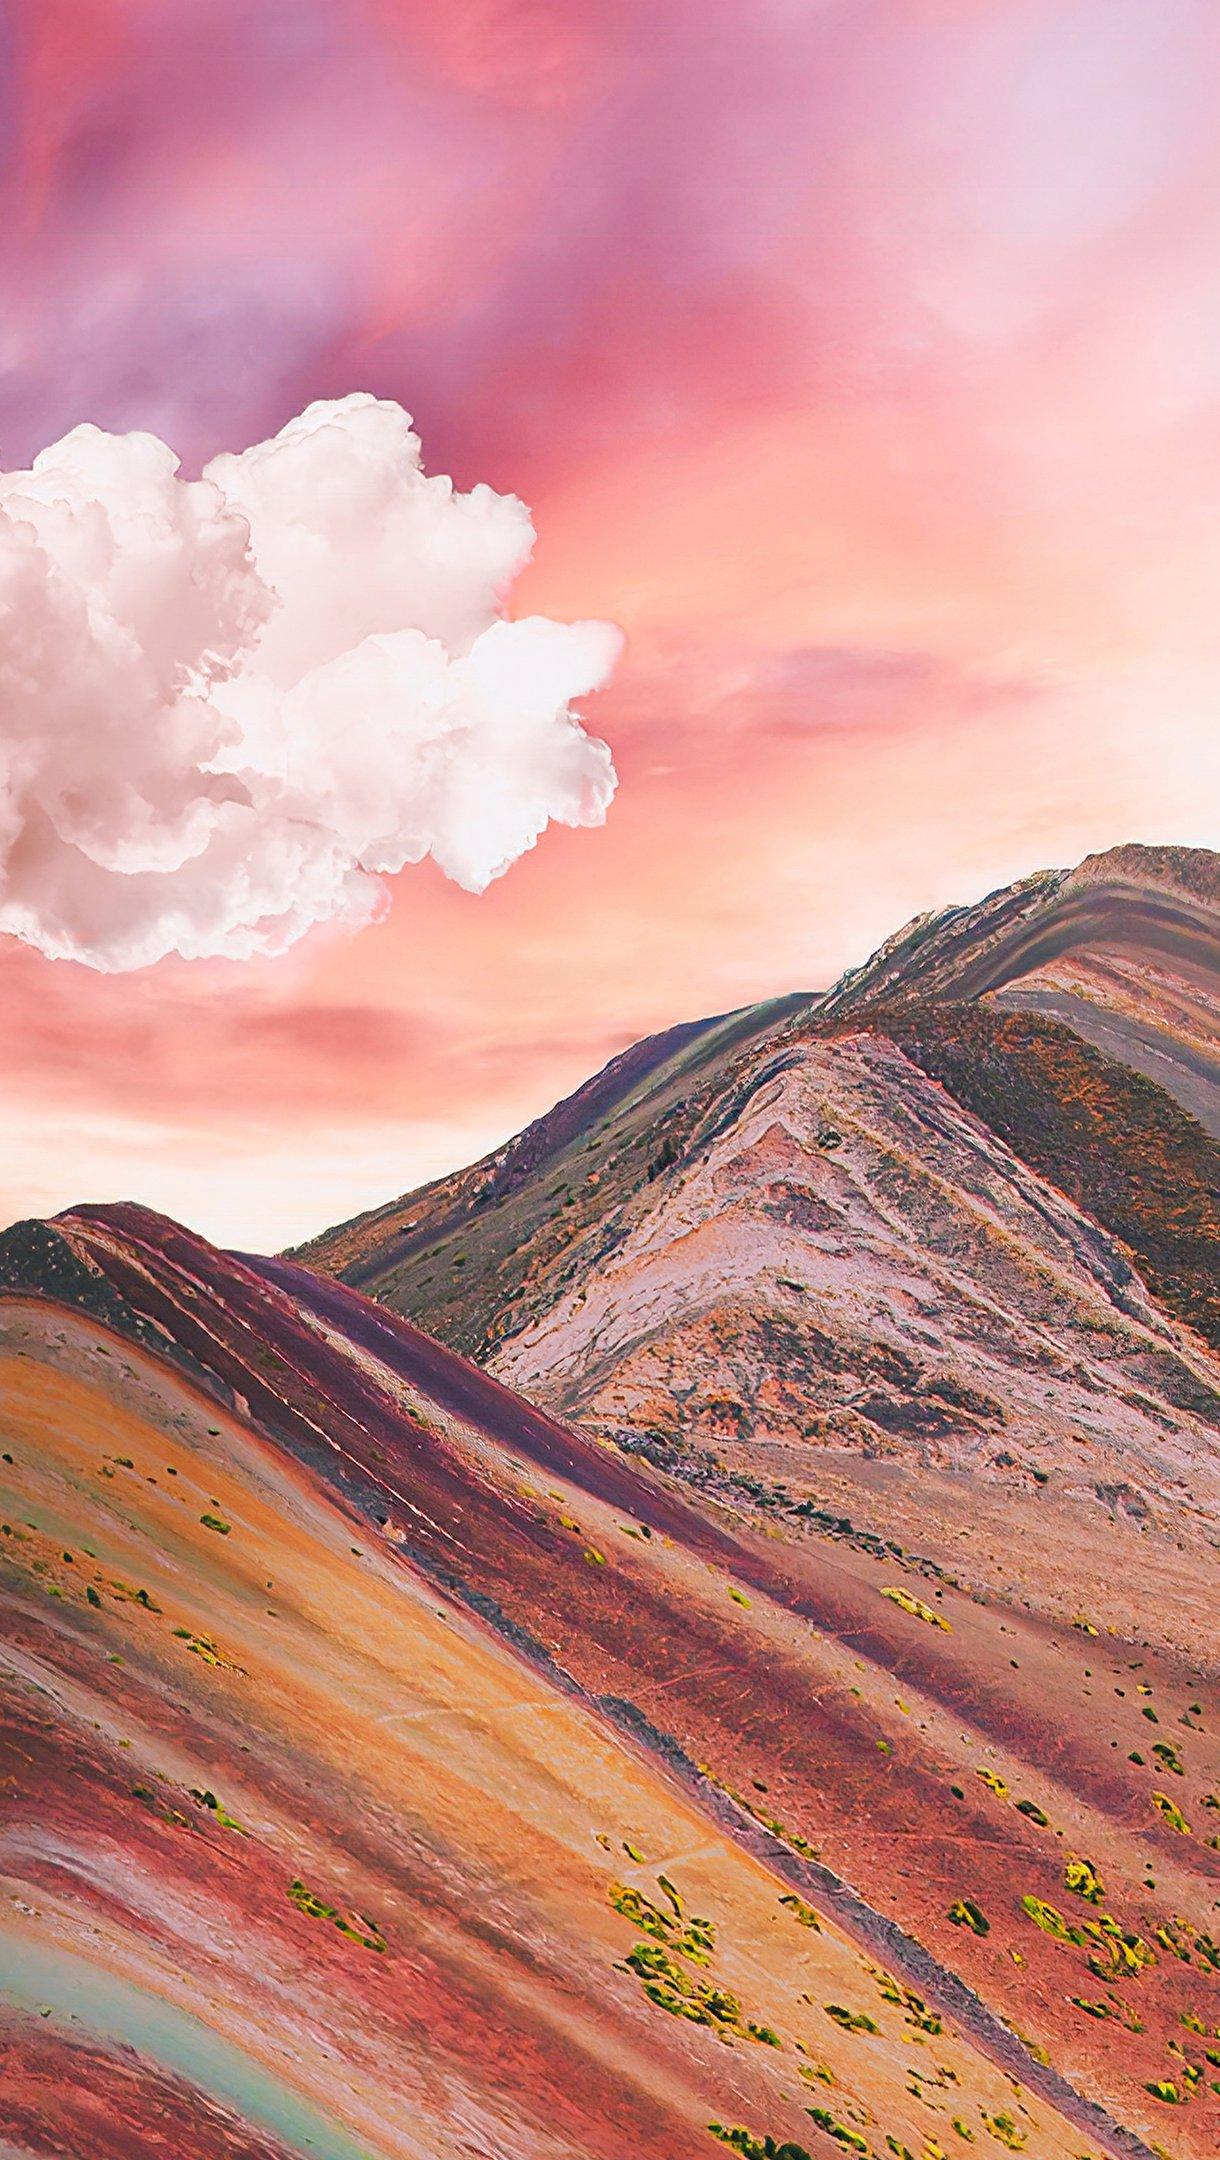 Fondos de pantalla Nubes sobre las montañas de arcoiris Vinicunca Vertical